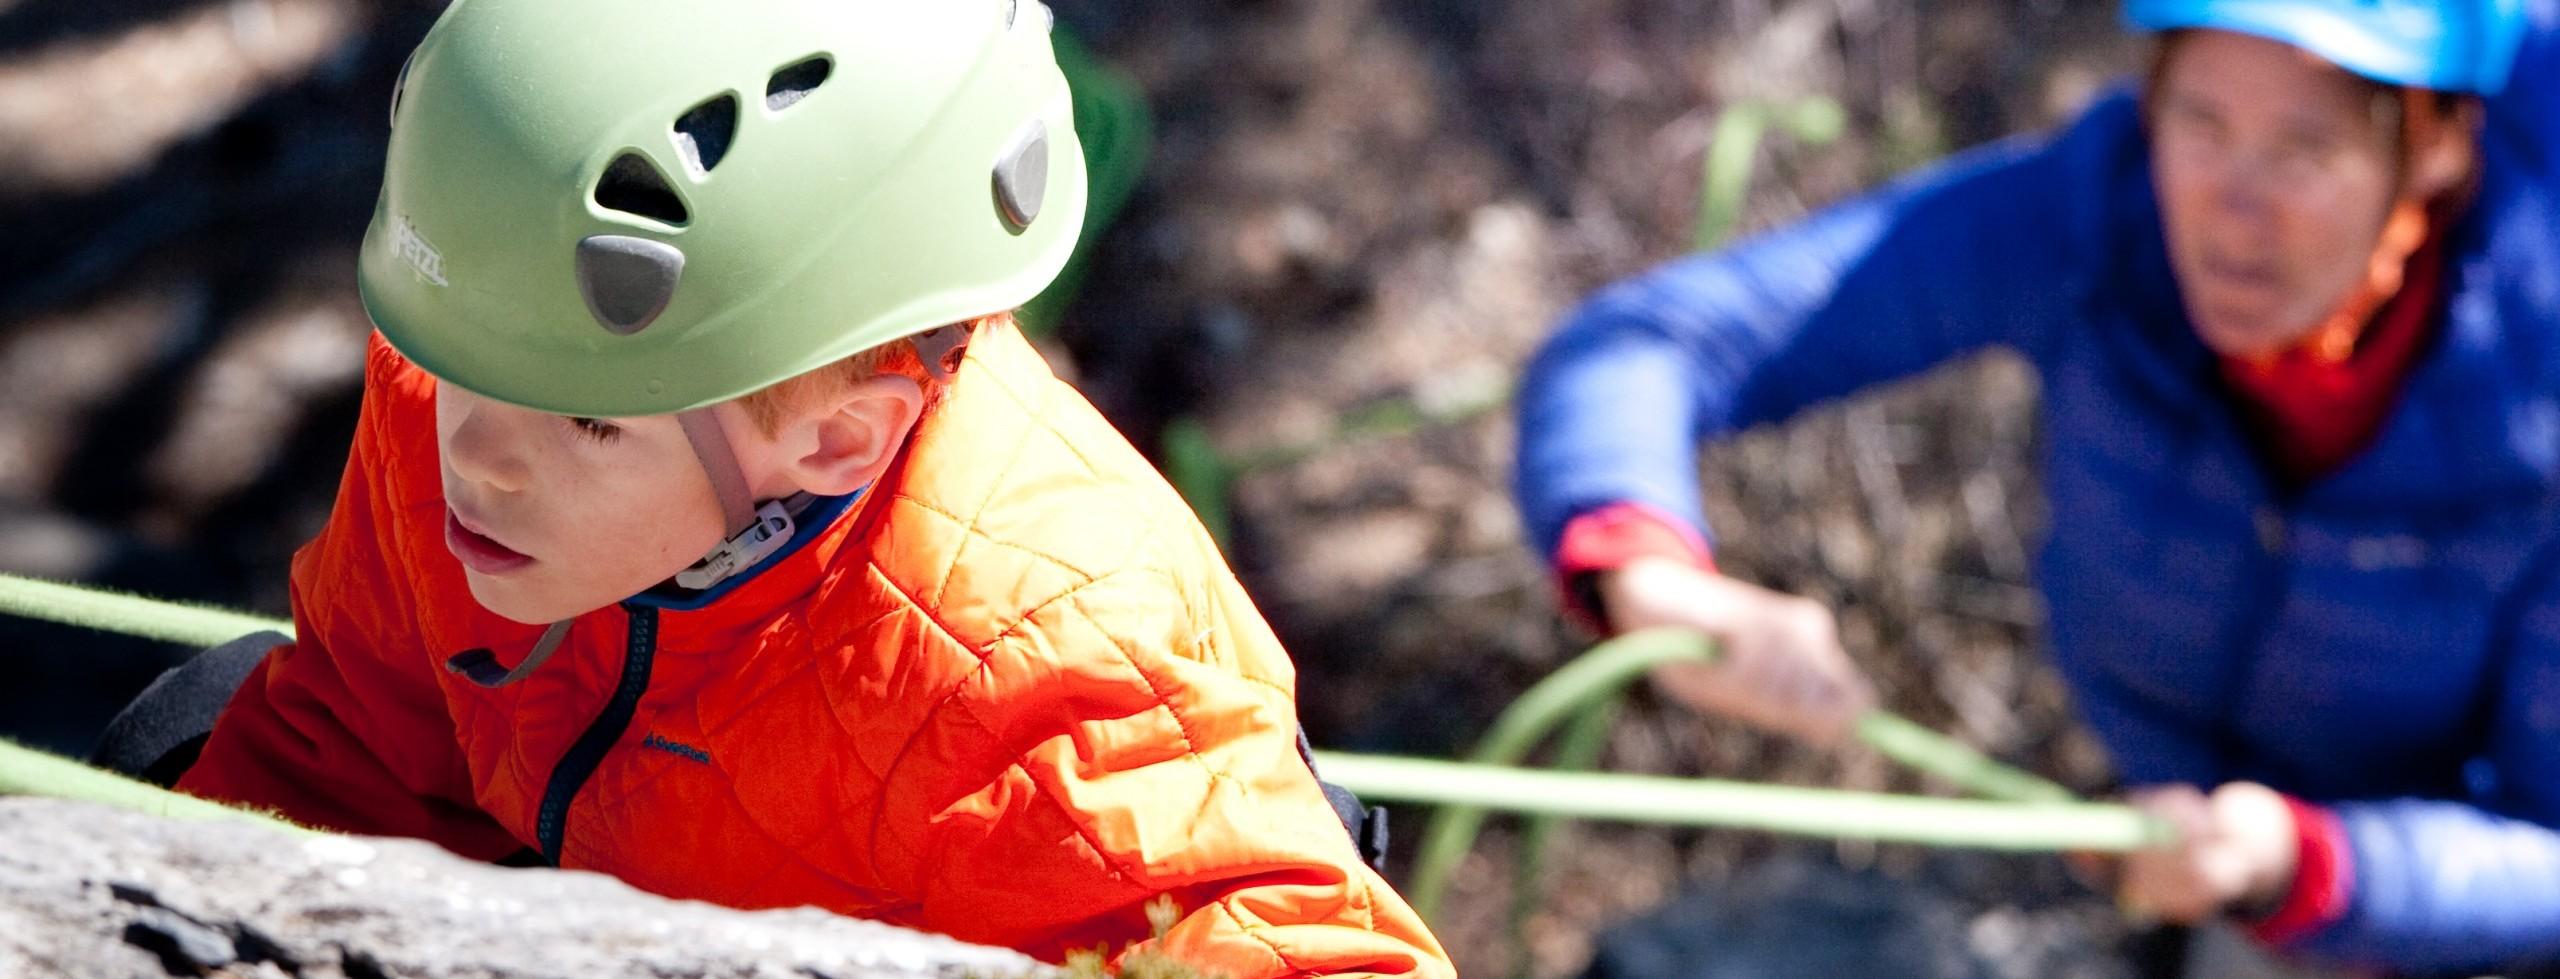 Alpinisme, escalade, canyoning et via ferrata dans le Queyras, Écrins, Hautes-Alpes et 05